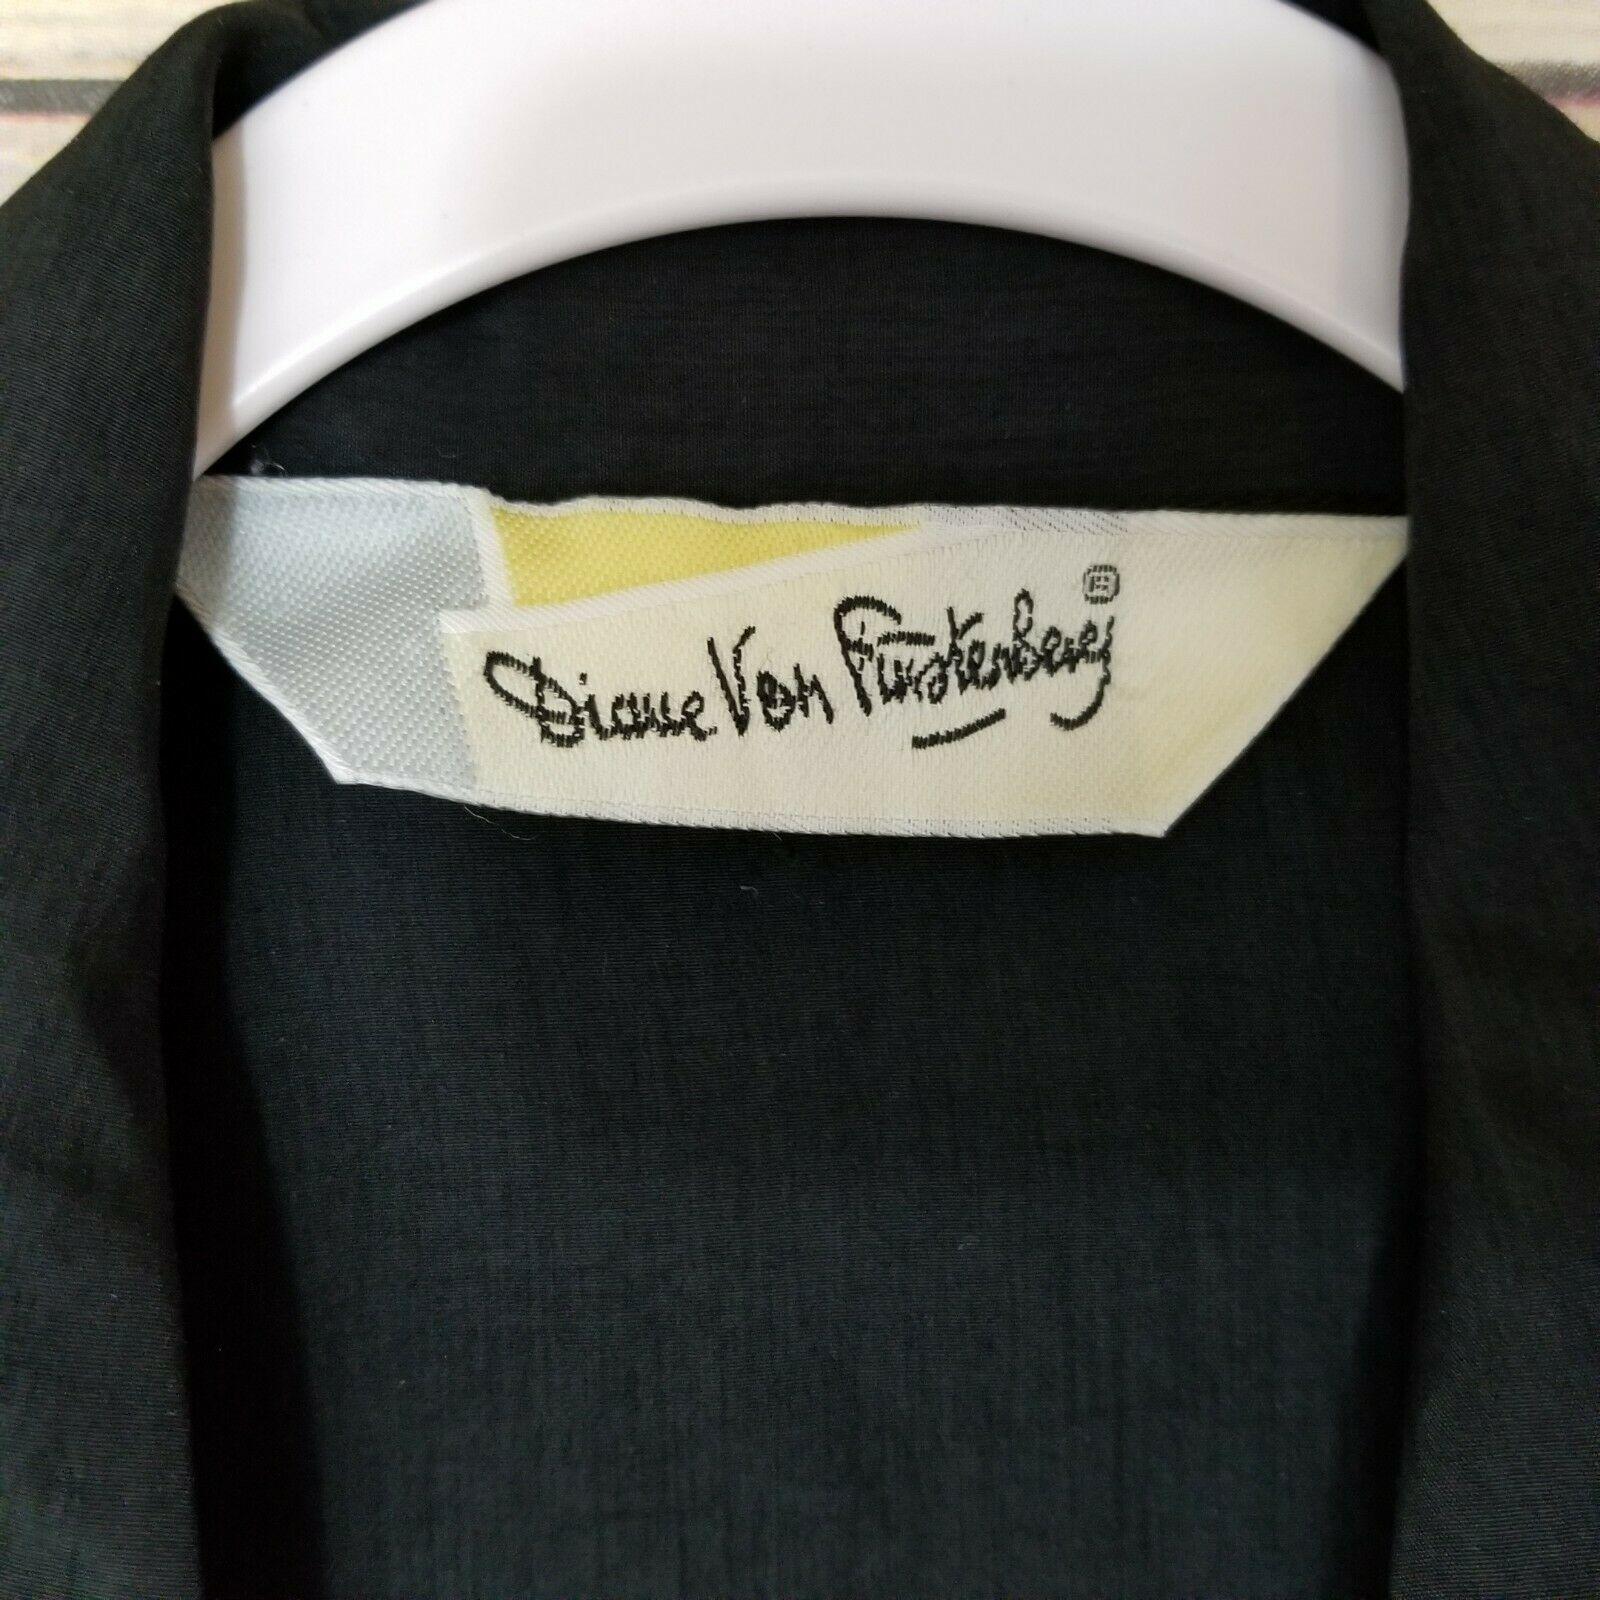 Vtg Diane von Furstenberg DVF Woman's Top Blouse Shirt Button Front Black Sz L image 4